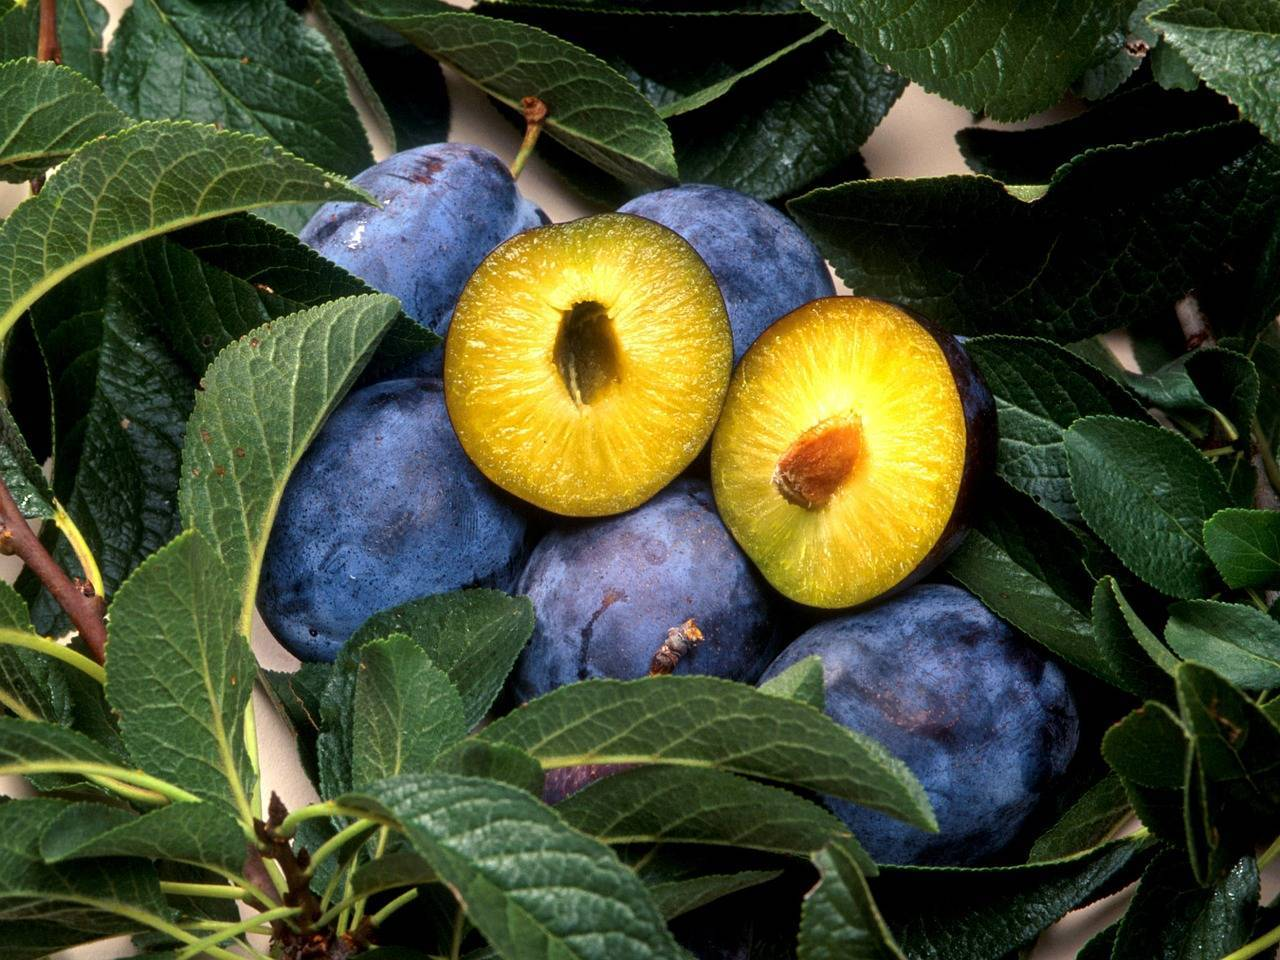 Как вырастить сливы из косточки в домашних условиях, чтобы были плоды